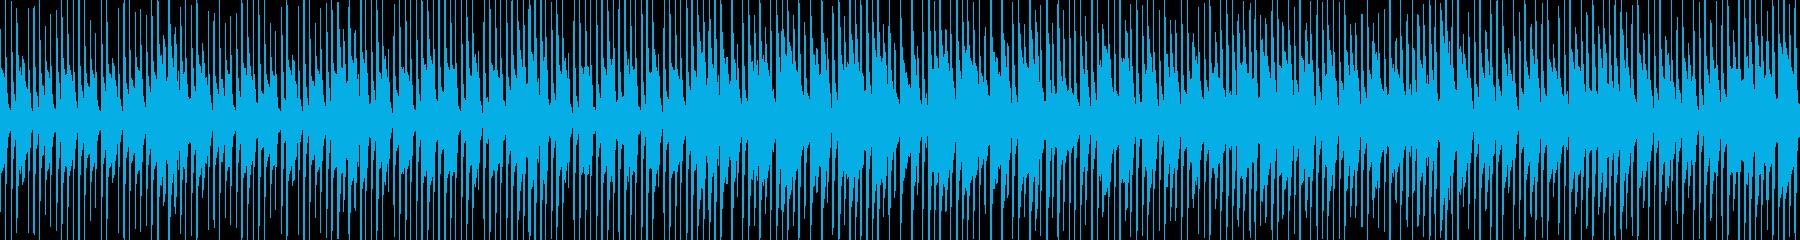 日常のシュチュエーション曲2の再生済みの波形